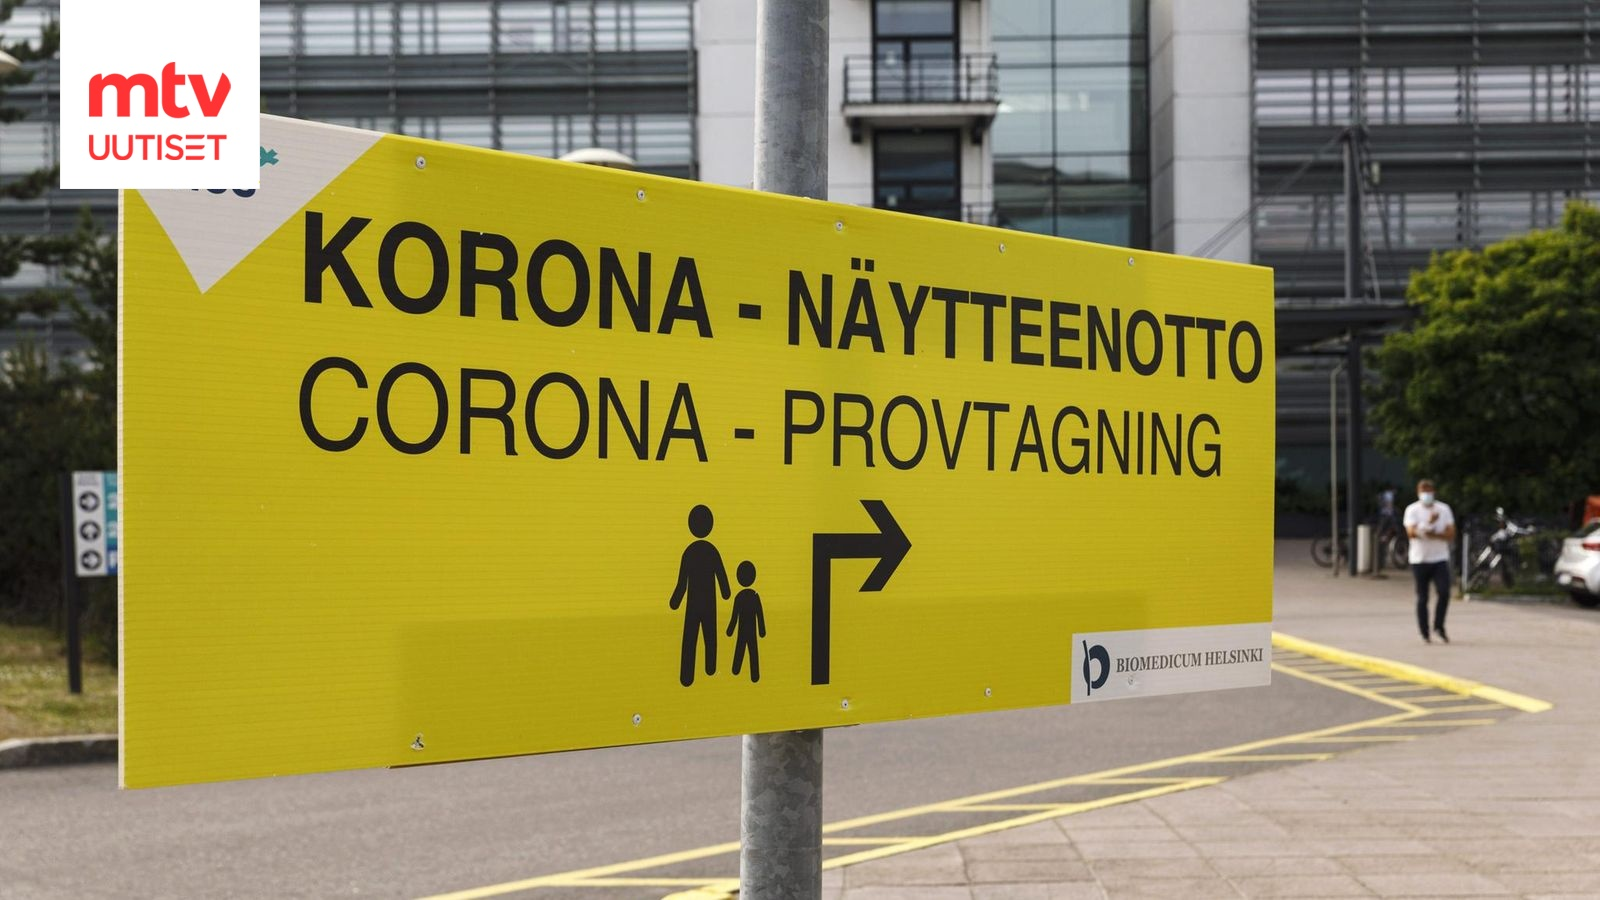 www.mtvuutiset.fi